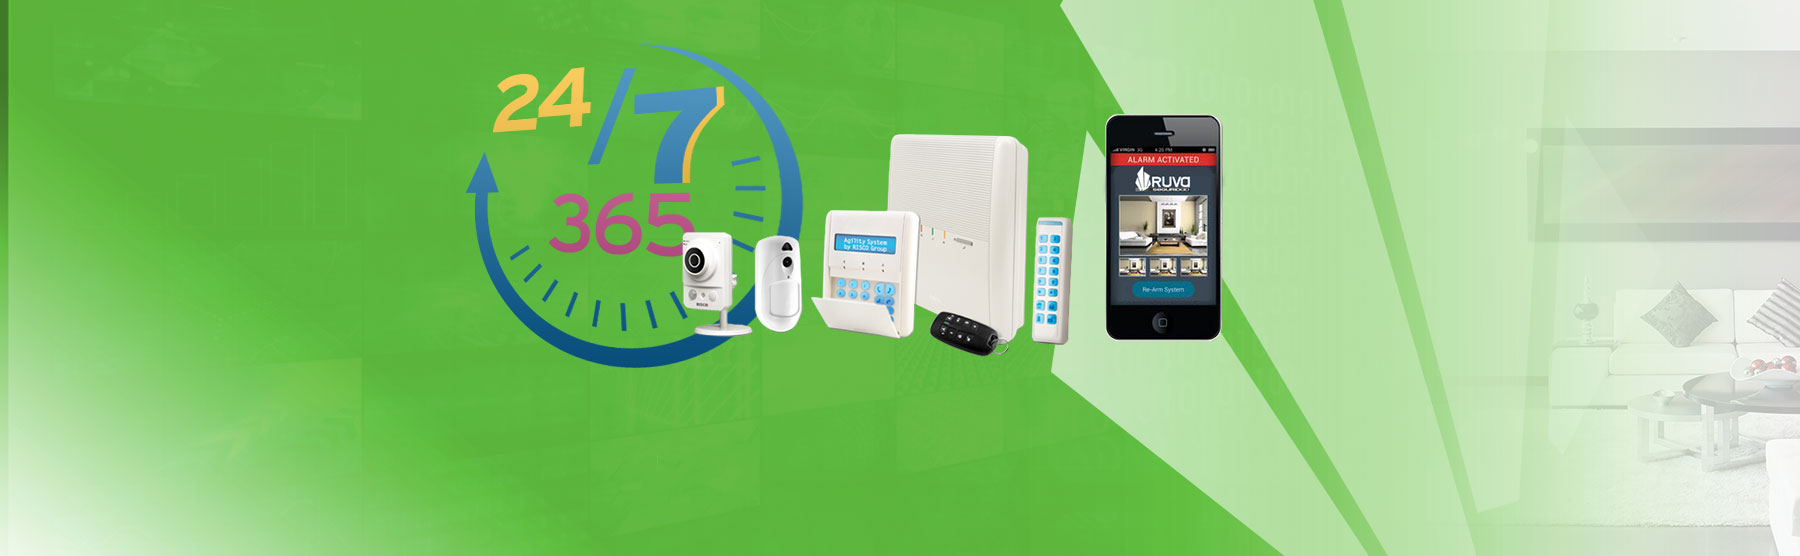 La instalaci n de alarmas ya no es s lo cosa de negocios for Instalacion de alarmas